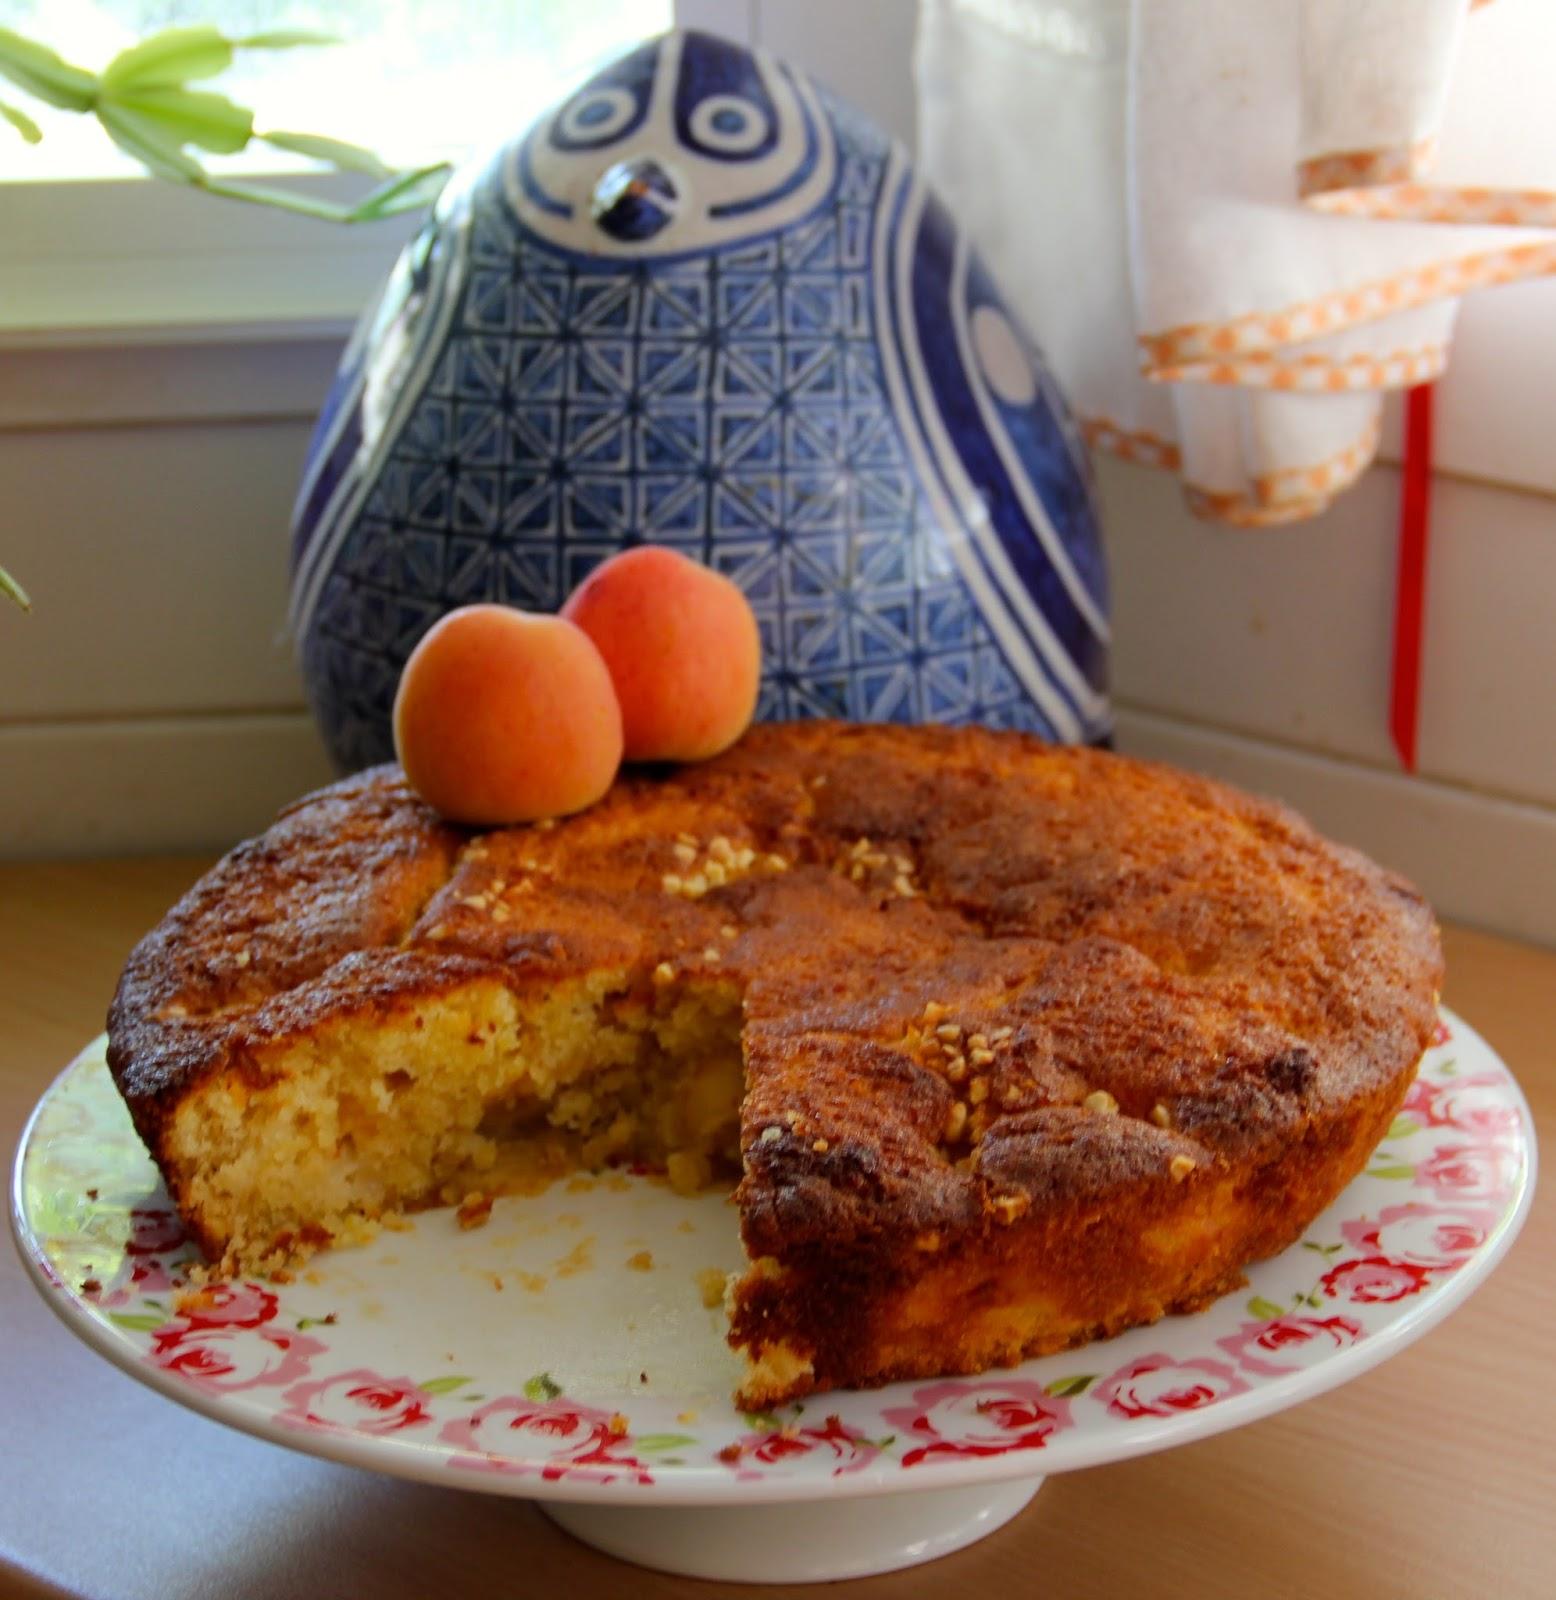 Petit Cake Sal Ef Bf Bd Lardons Figue Ap Ef Bf Bdritif